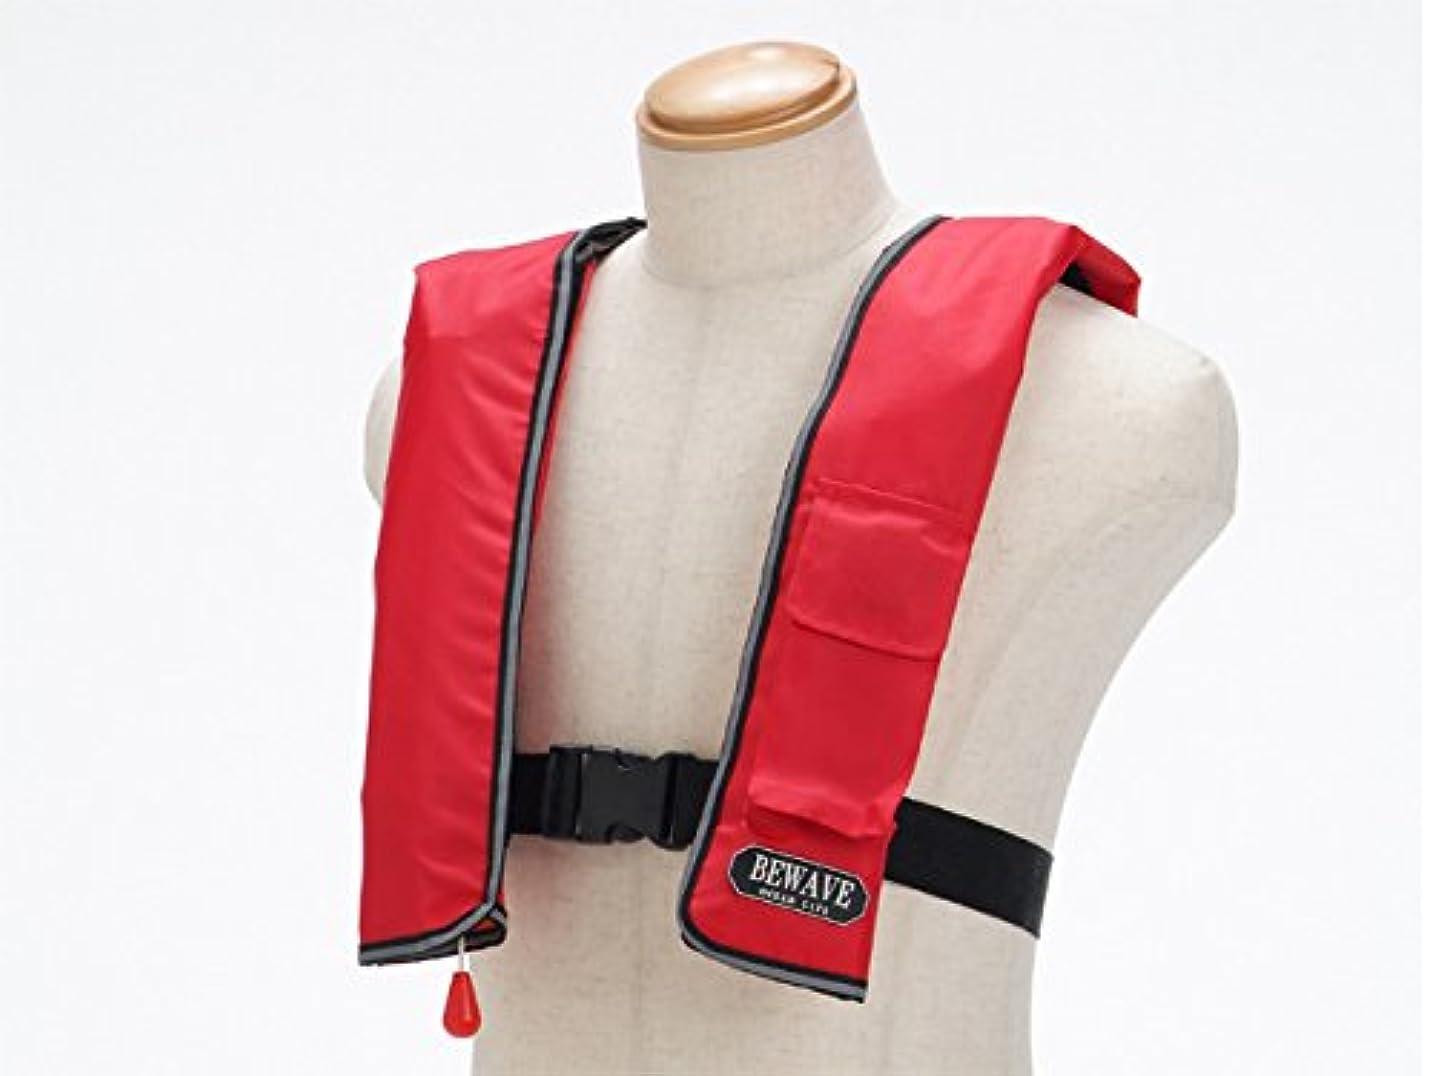 受信ホバー一般自動膨張式ライフジャケット 肩掛式 LG-1型レッド 胸囲150cmまで対応 国交省認定品 新基準対応